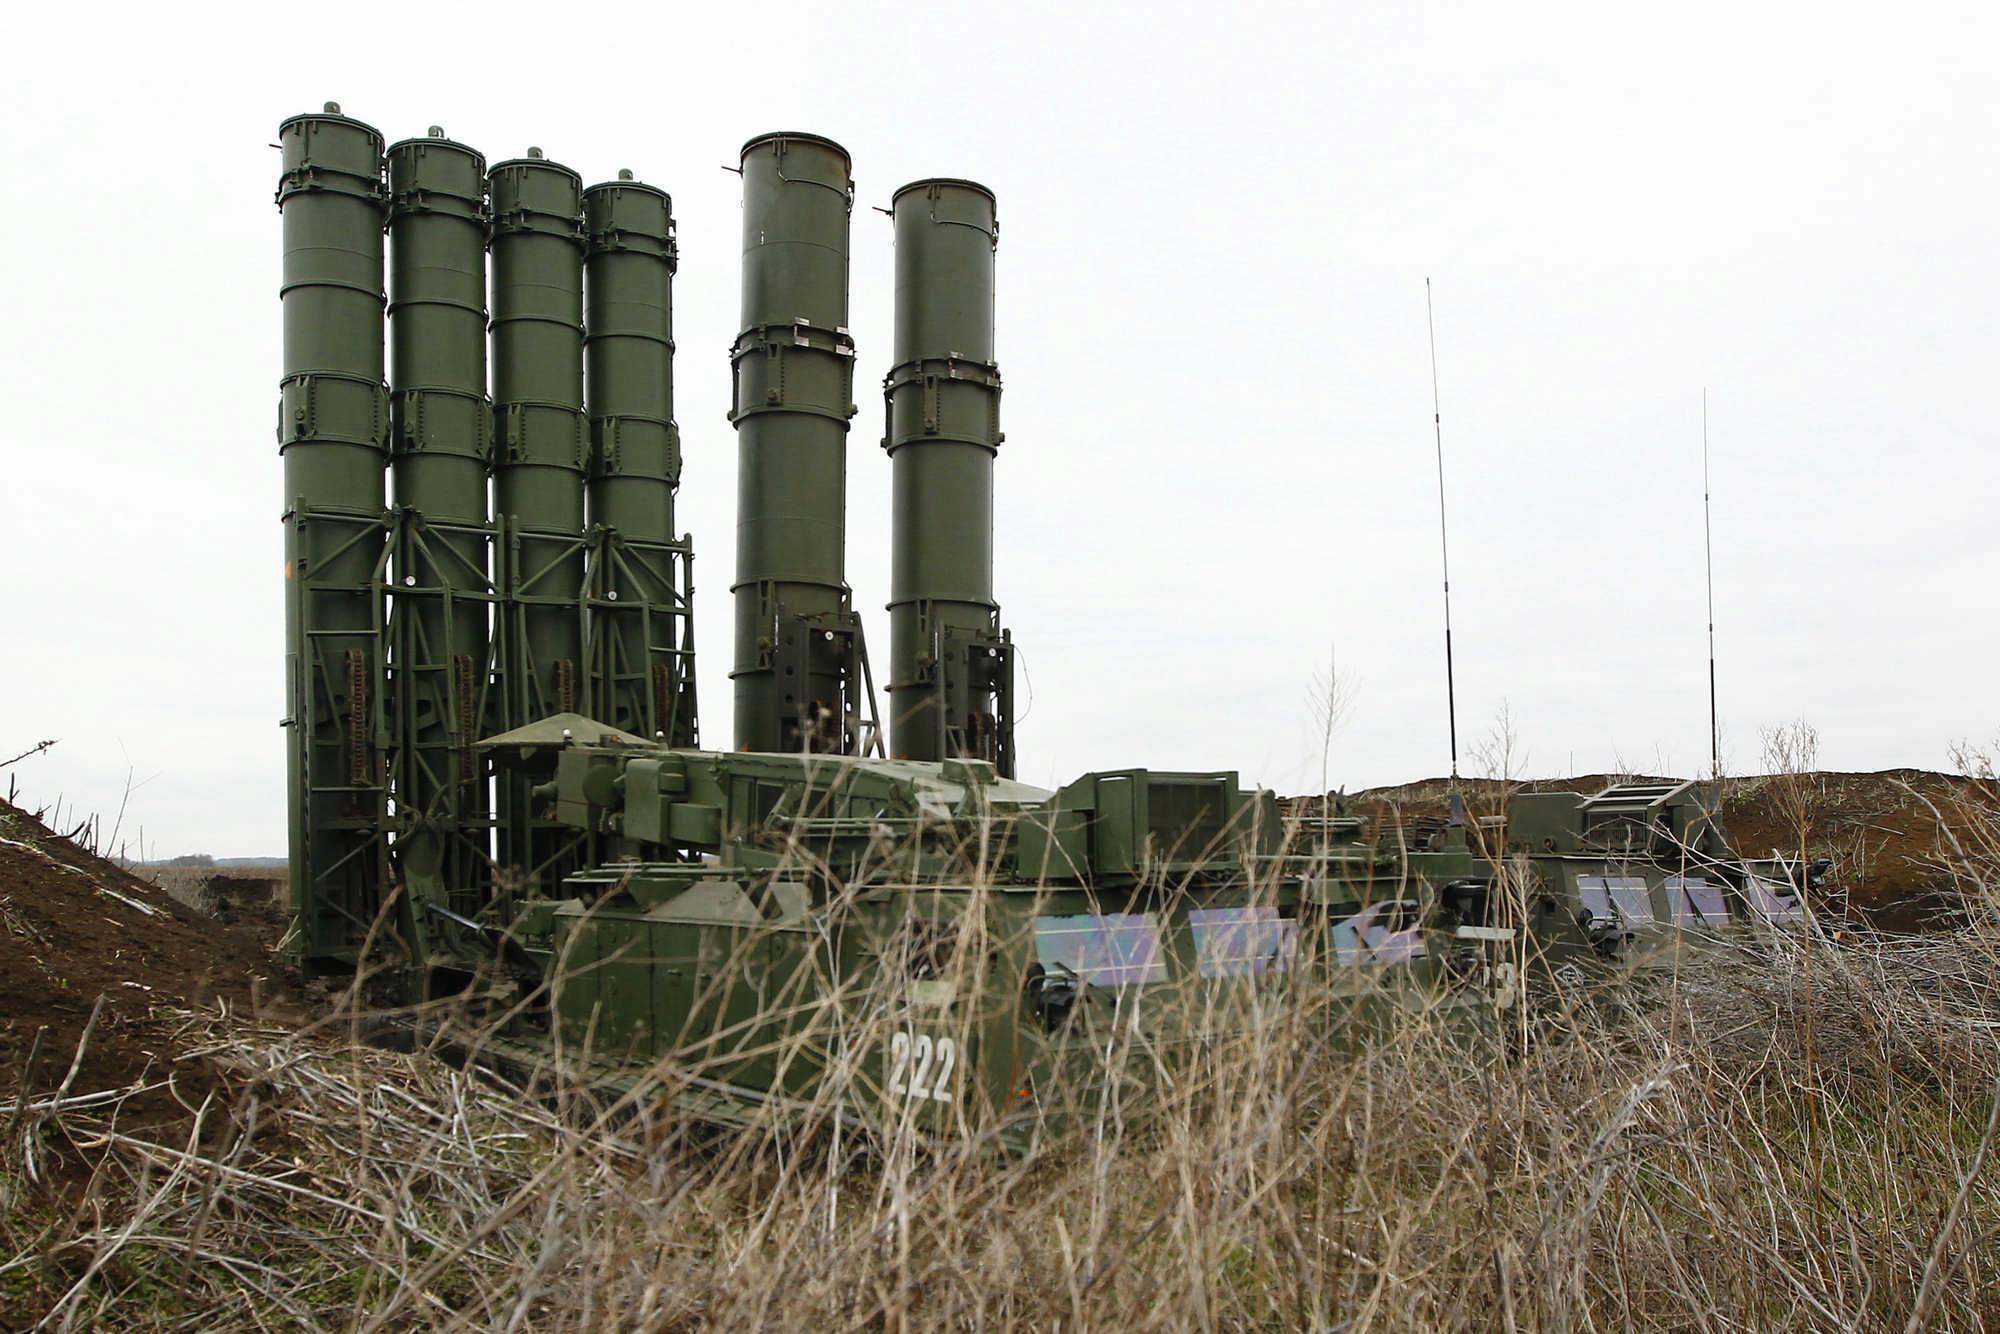 Подразделения ПВО на Северном Кавказе отразили налет условного противника